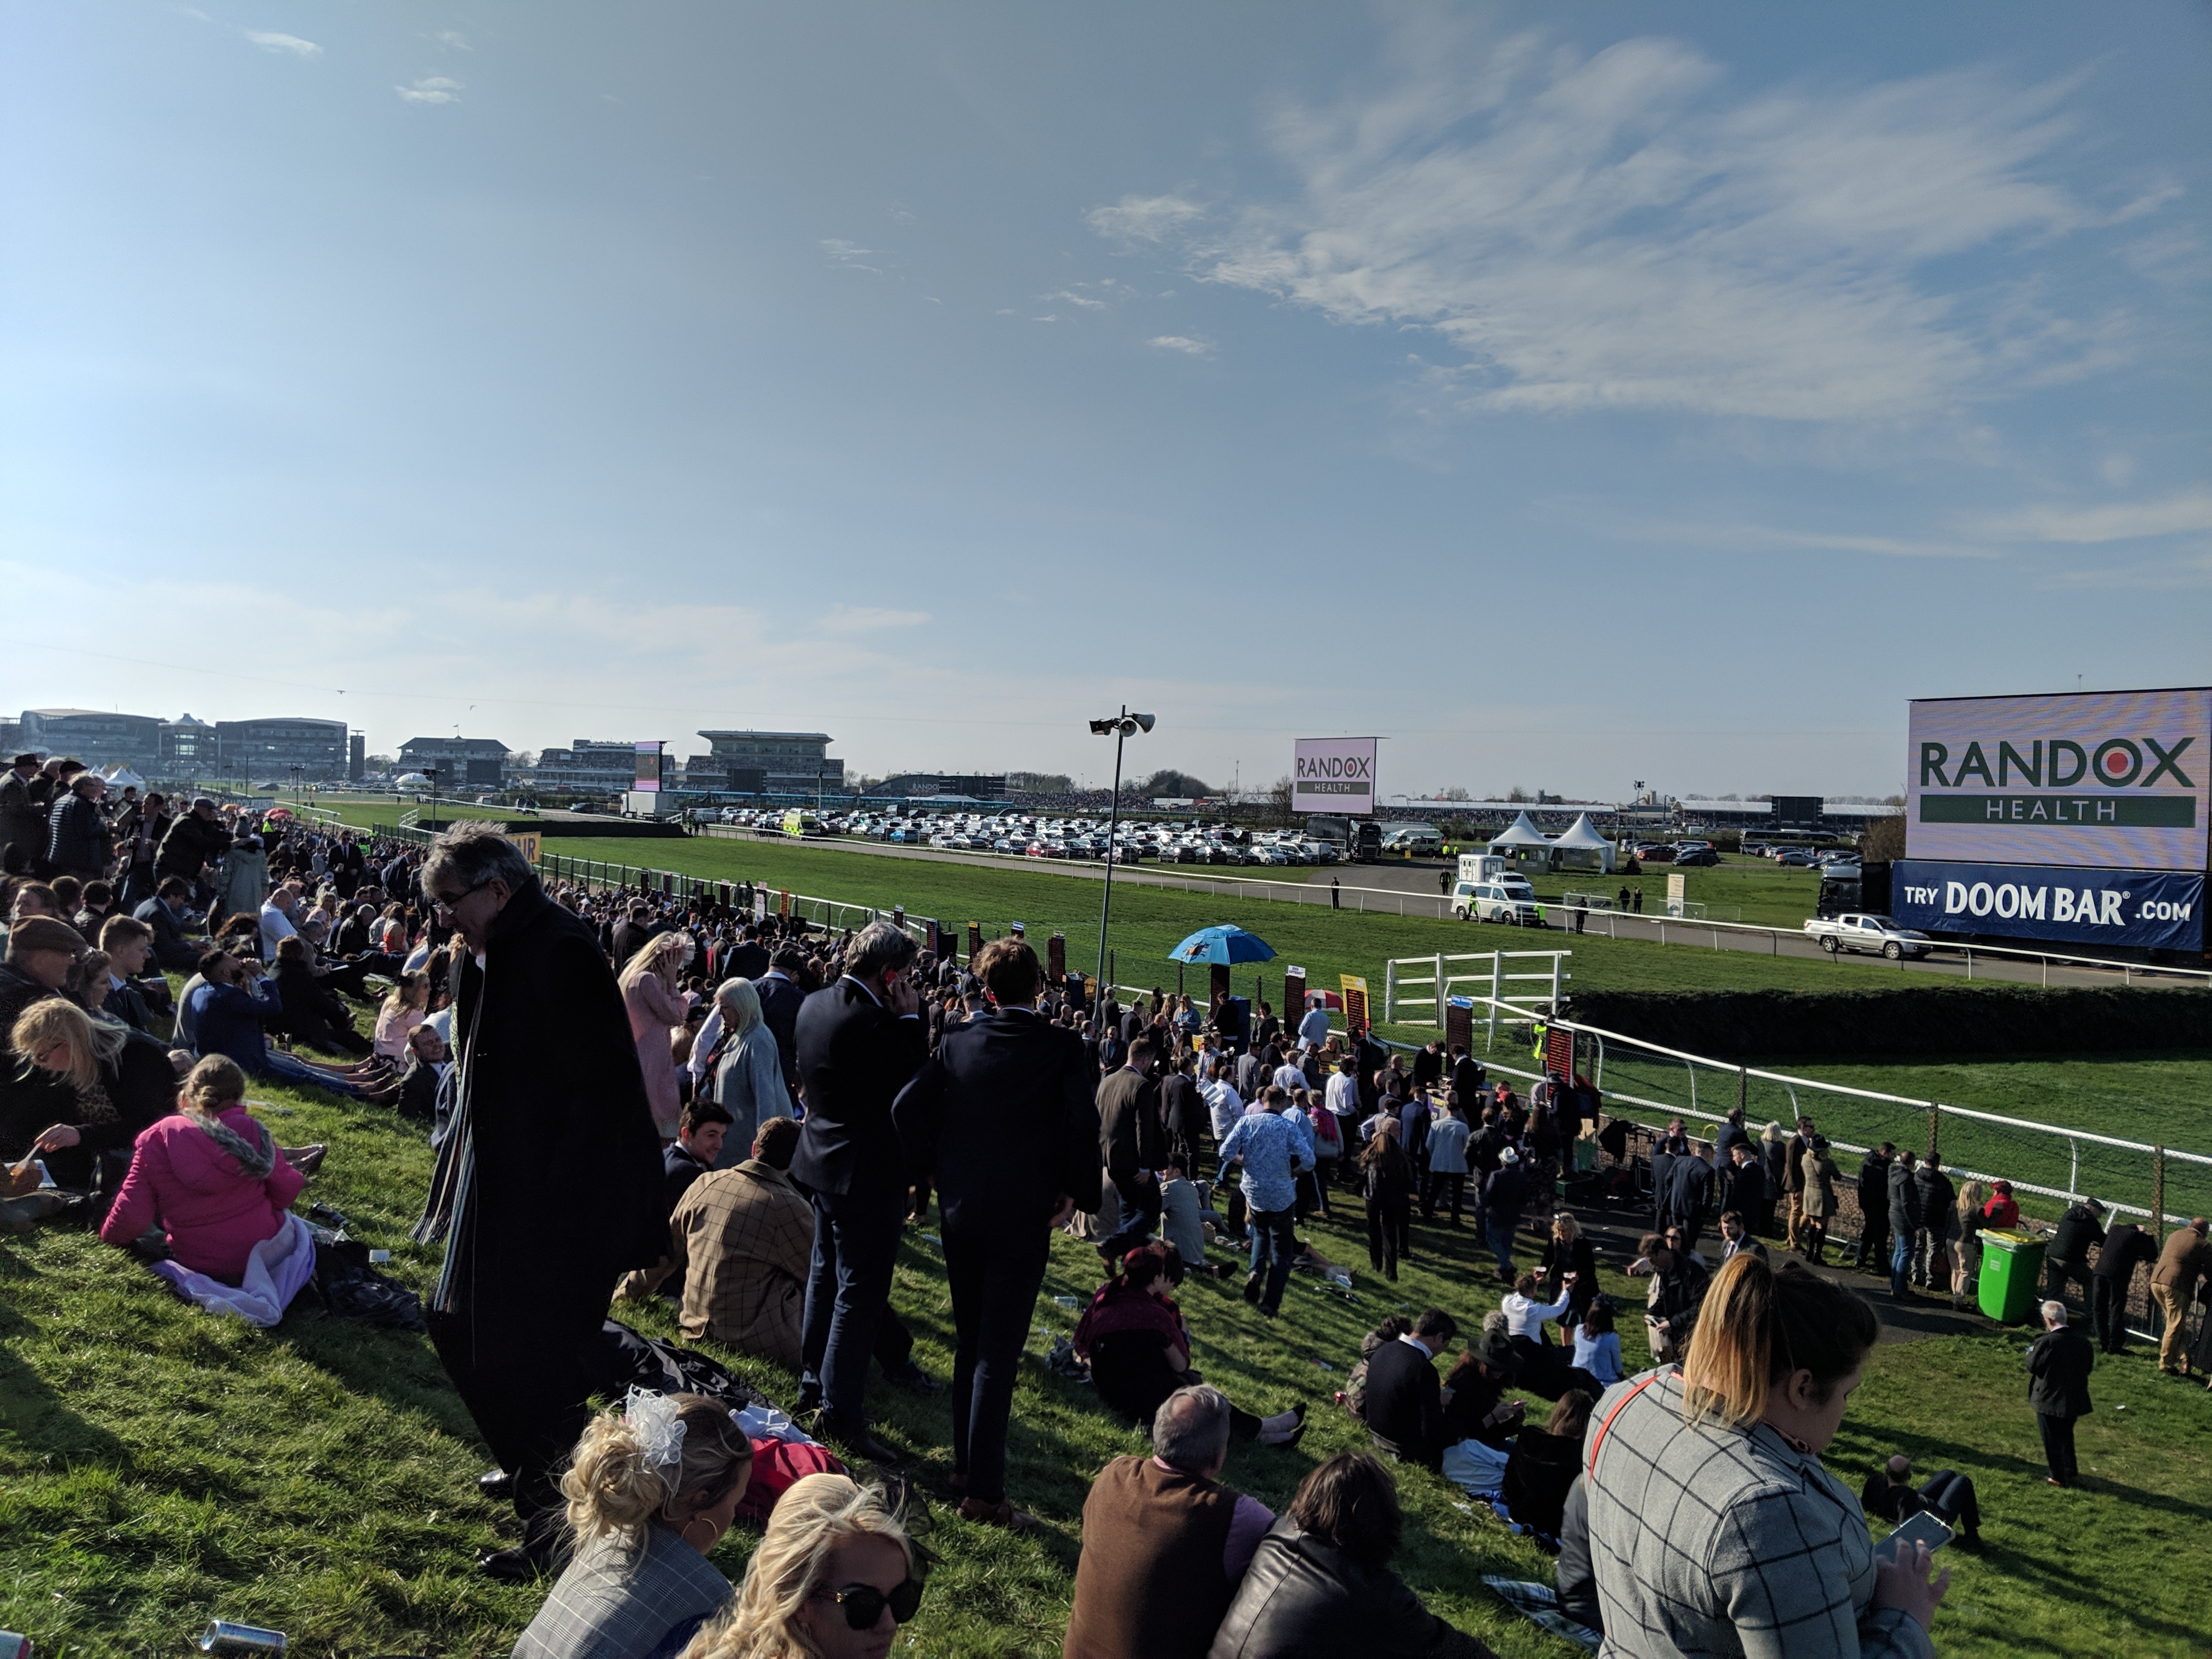 Steeple Enclosure'de çimlere serilmiş seyirciler Grand National yarışının startını bekliyor. (Bu görsel The Jockey Club'ın izniyle kullanılmıştır)